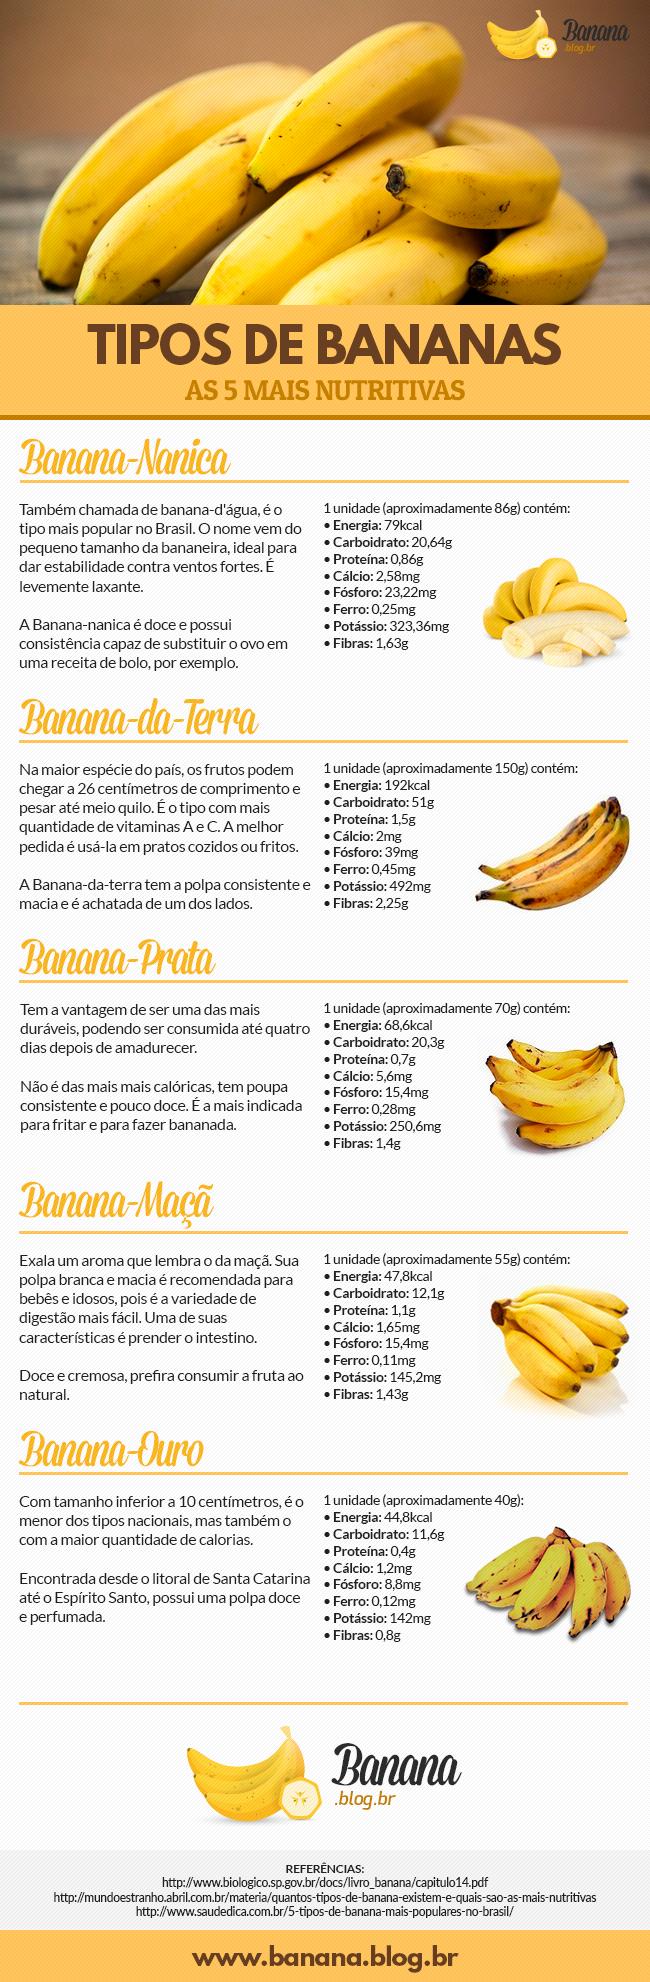 Inforgráfico com os 5 tipos de Bananas mais nutritivas: Banana Prata, Banana Maçã, Banana Ouro e a Banana da Terra. Veja também suas calorias e nutrientes